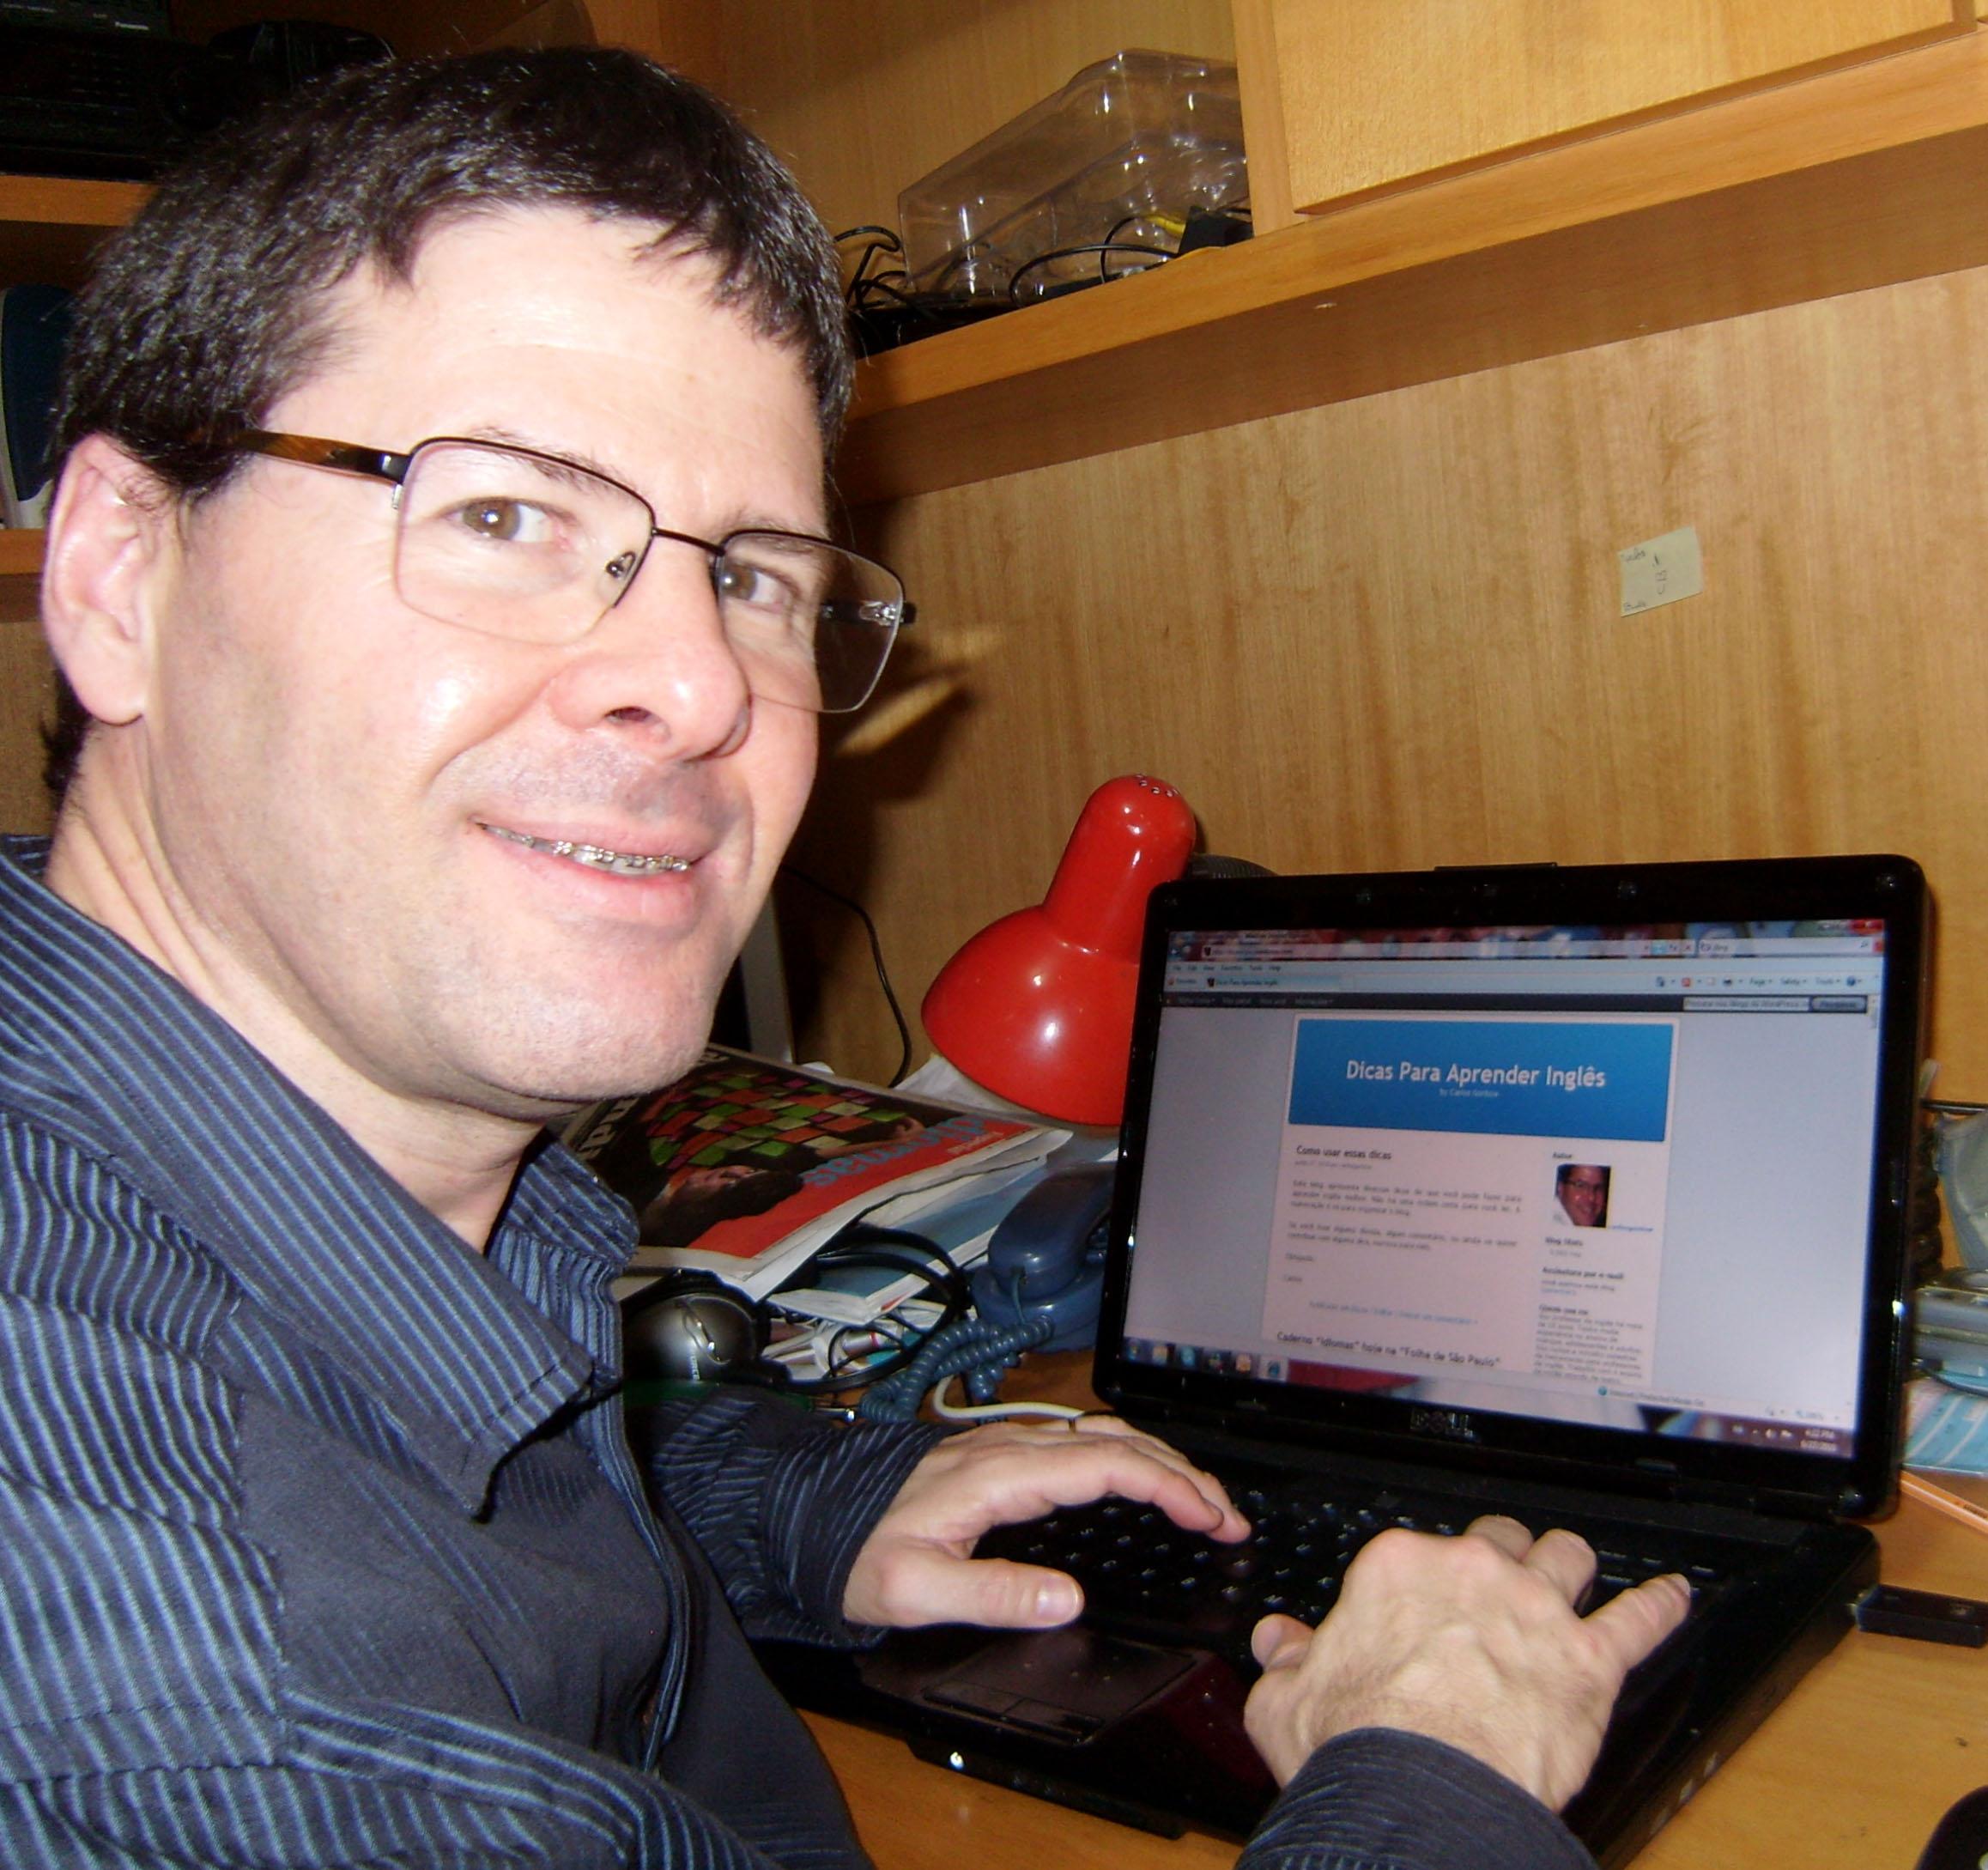 Carlos-Gontow - autor-do-blog-e-do-livro